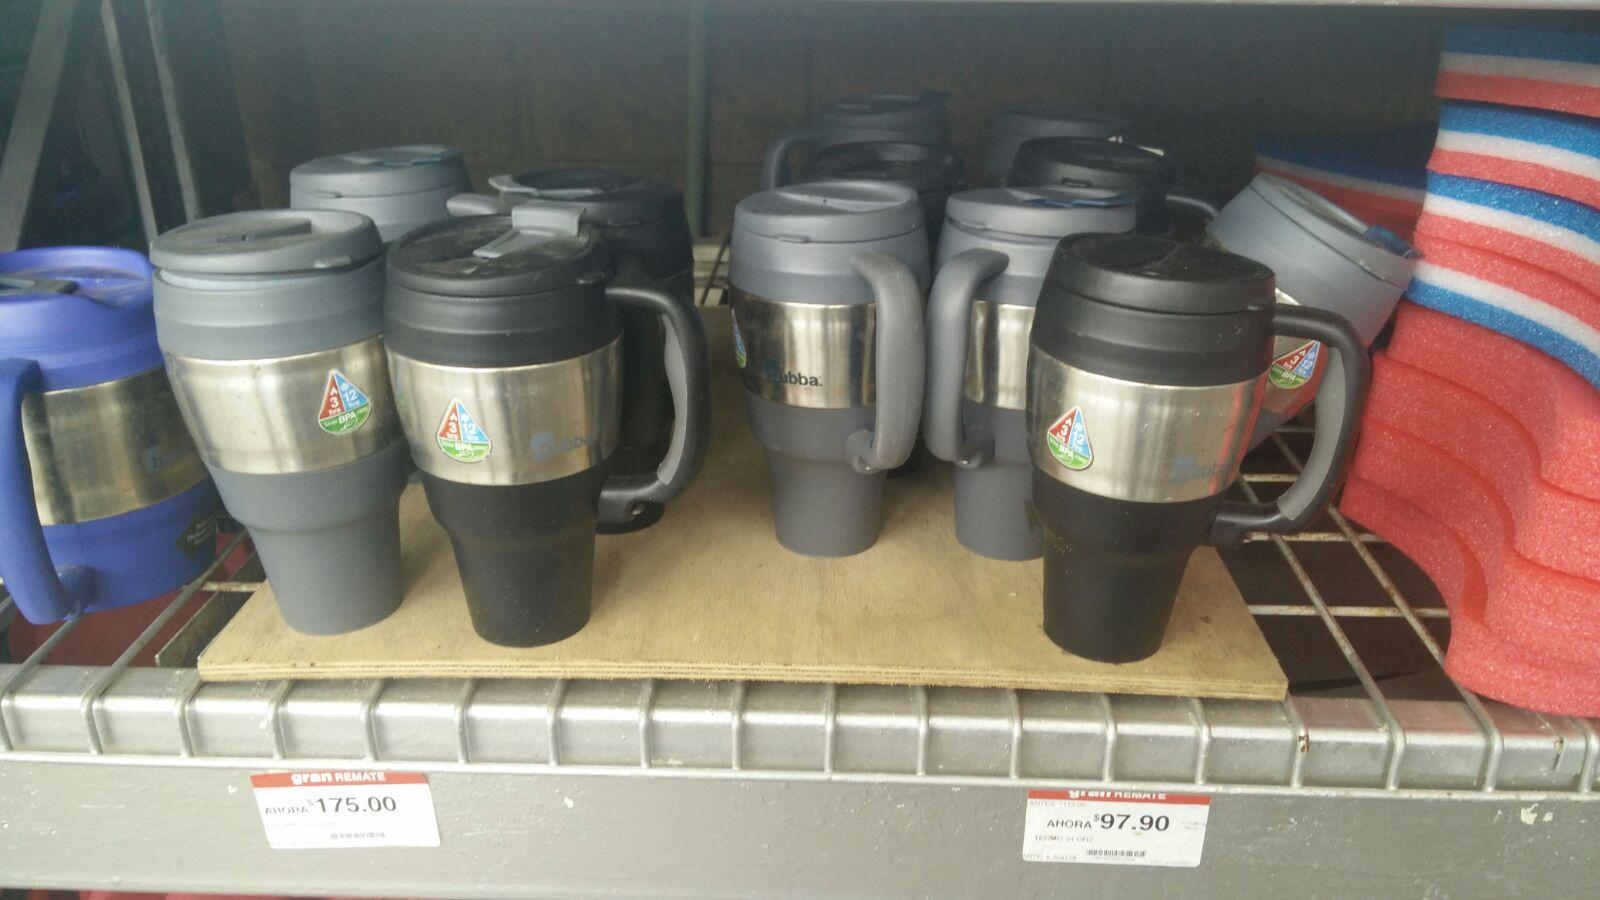 Home Depot: TERMO DE 34 OZ (1 LITRO) MARCA BUBBA A $97.90